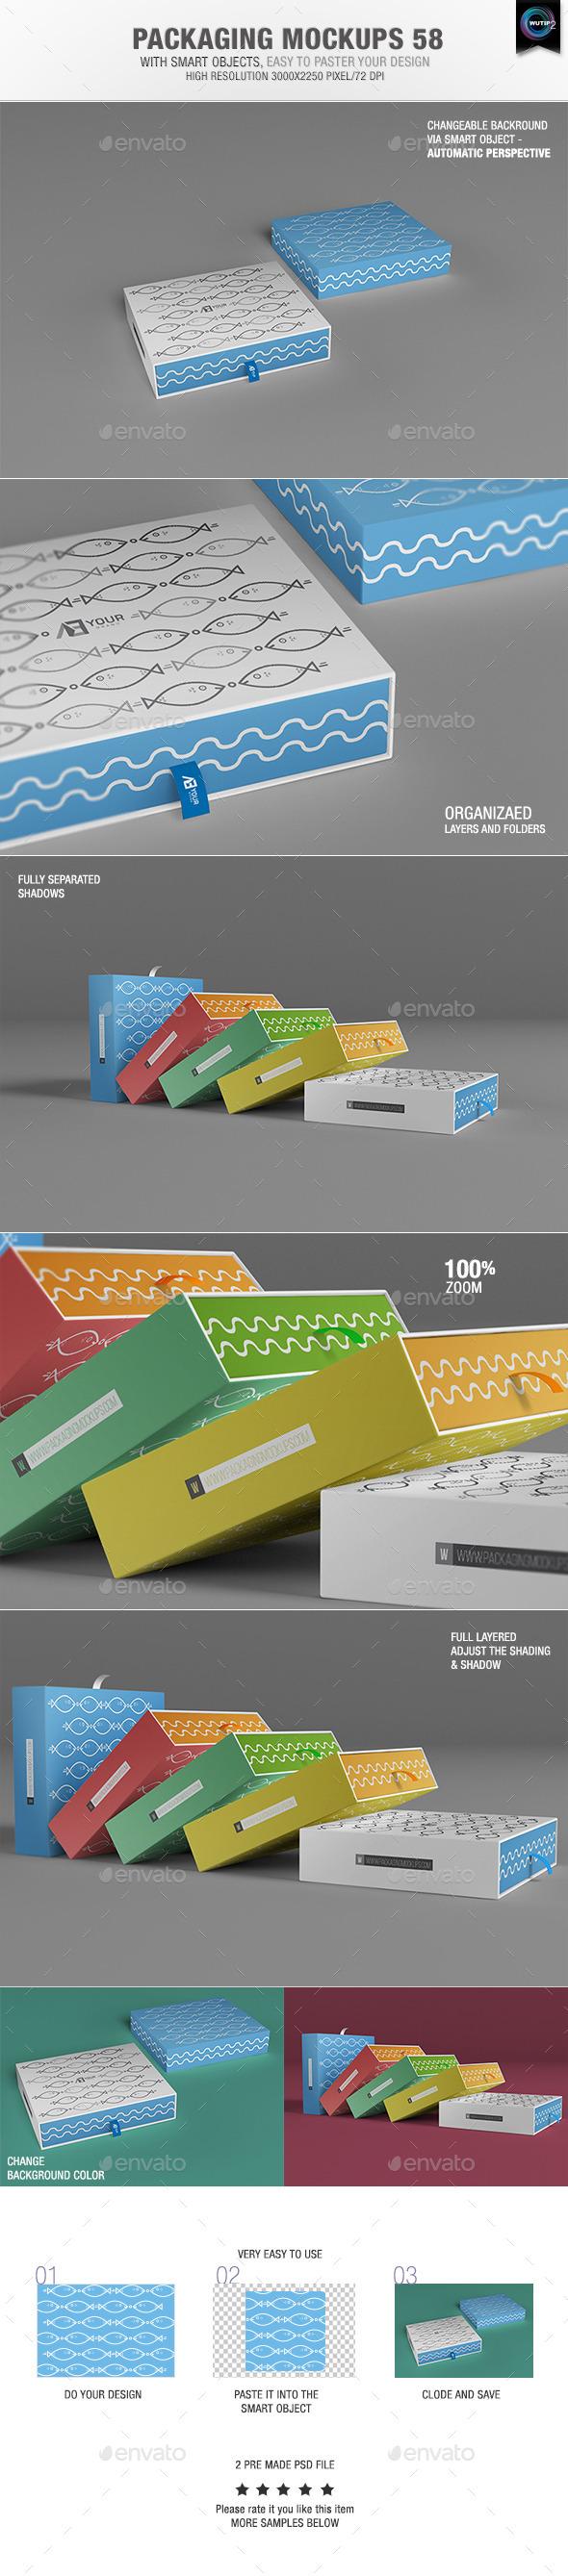 Packaging Mock-ups 58 - Packaging Product Mock-Ups